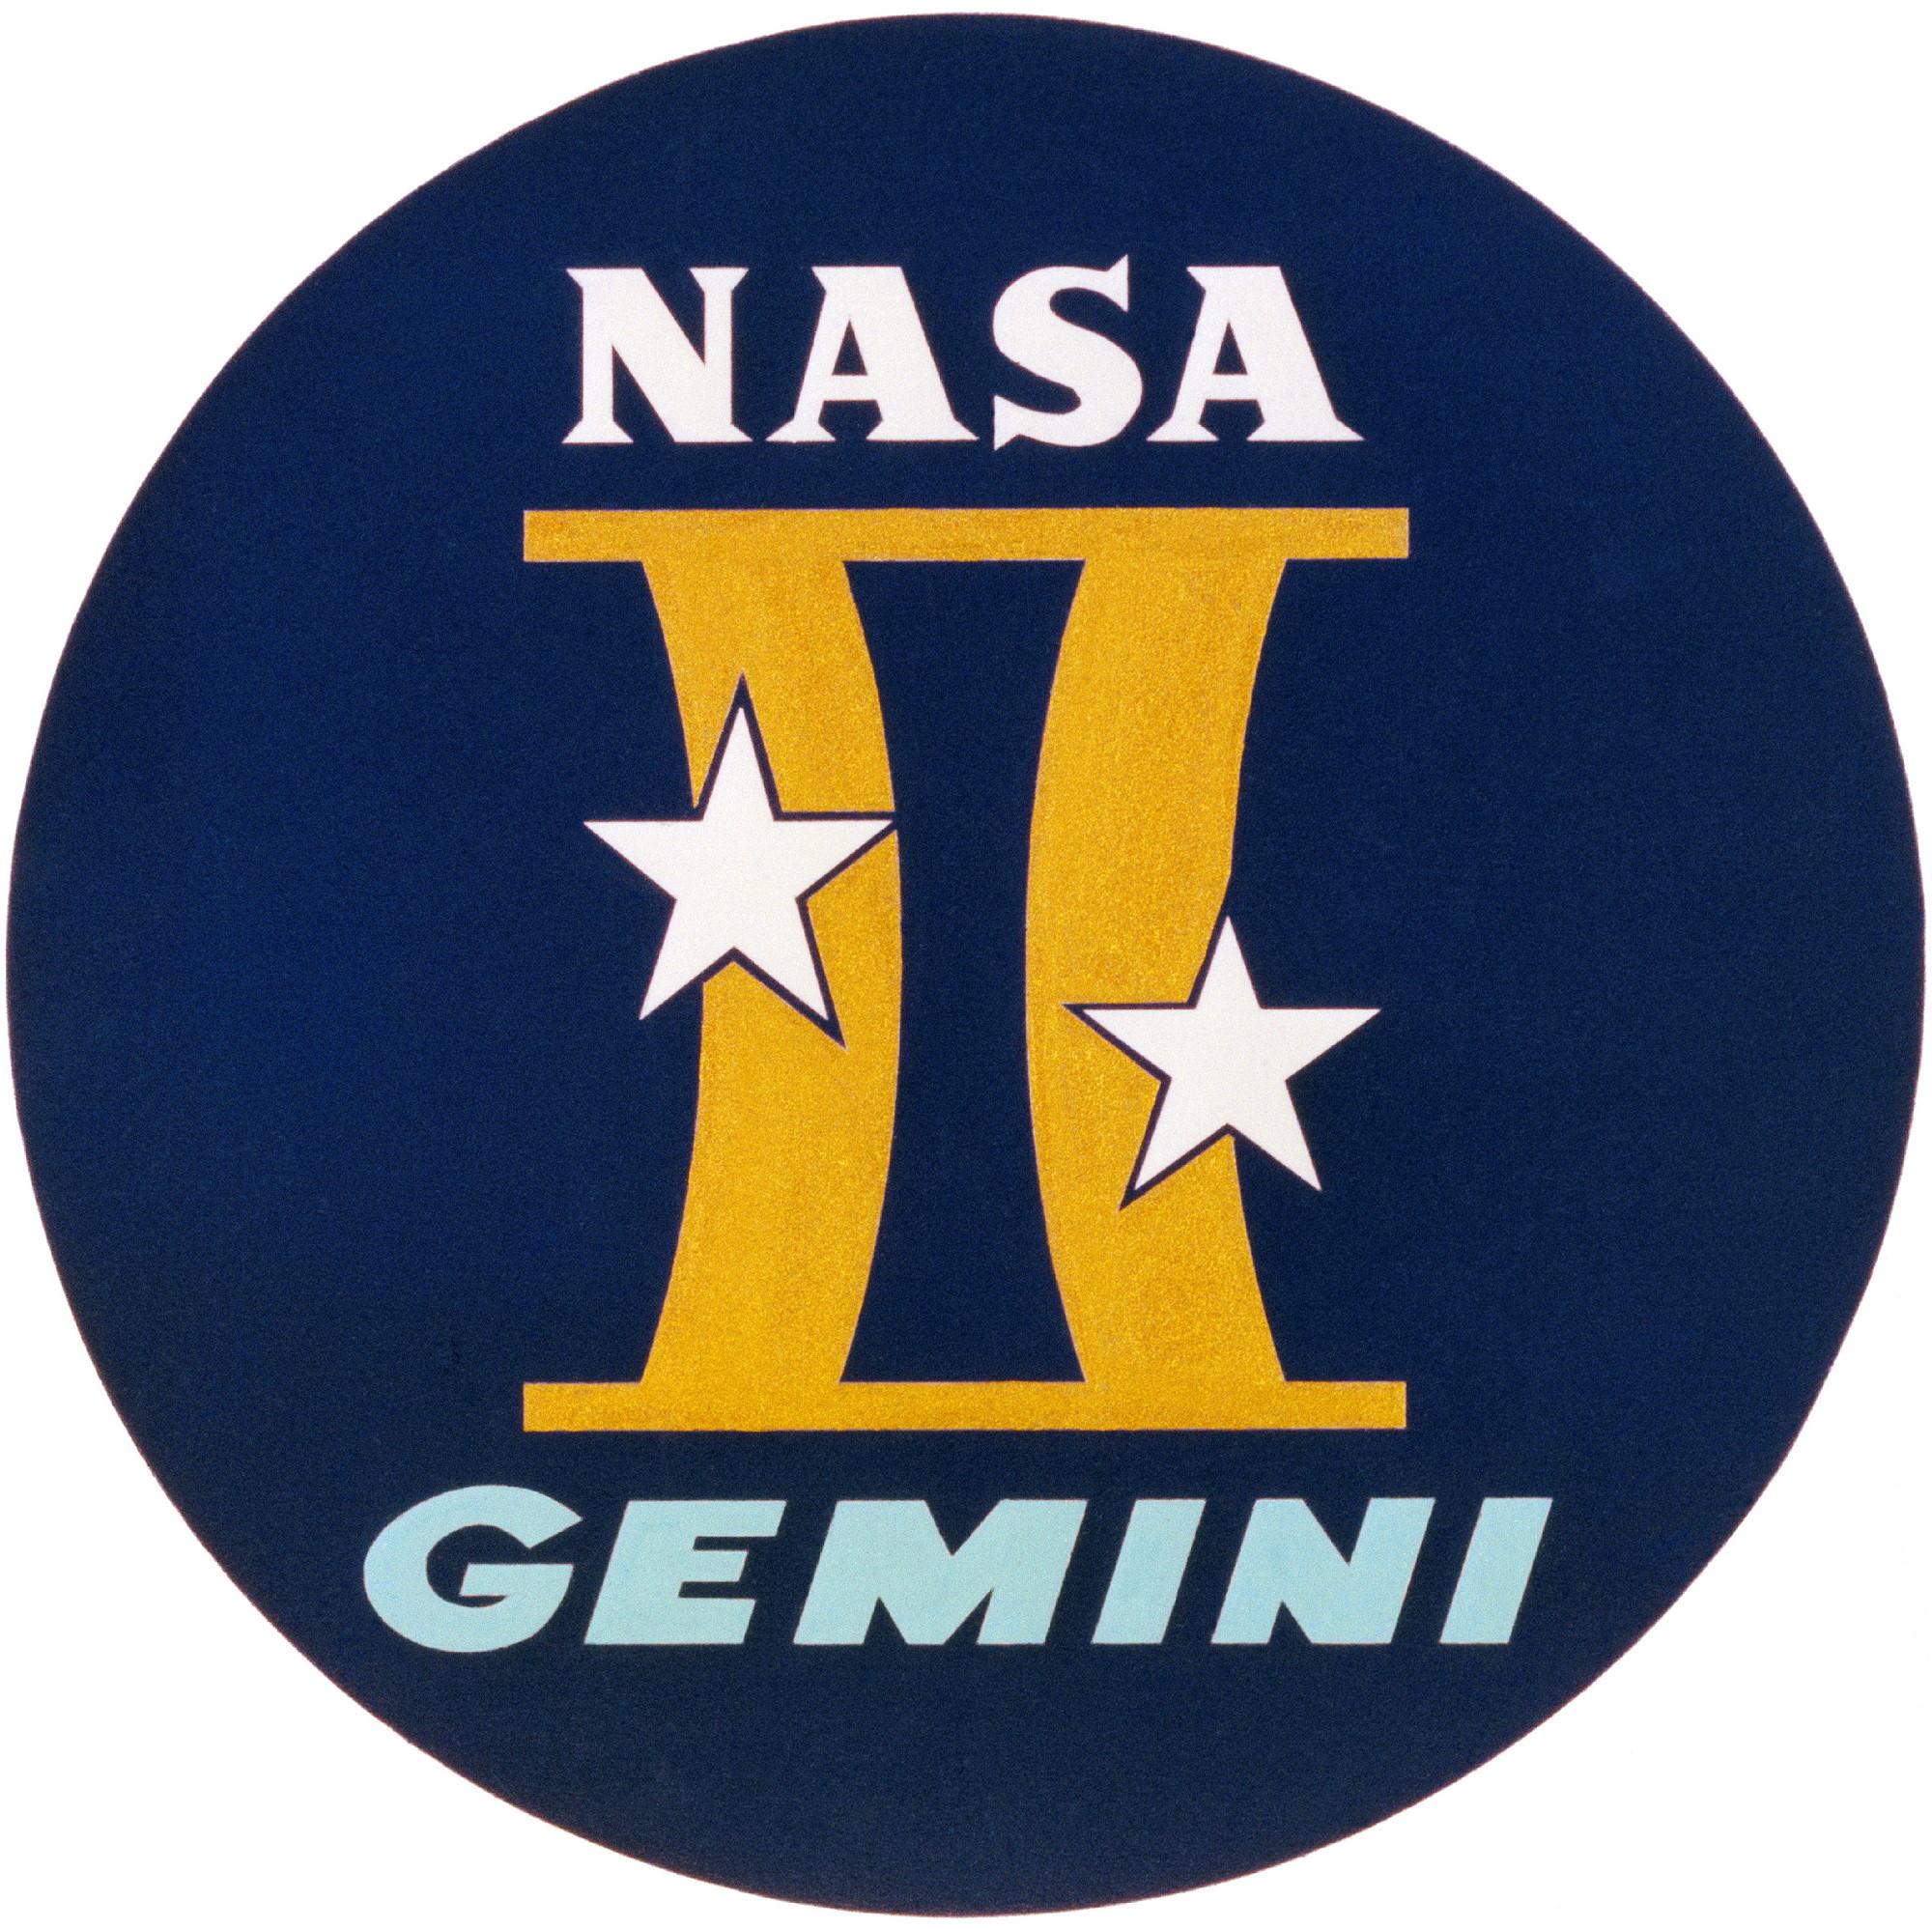 Spaceflight mission report: Gemini 5